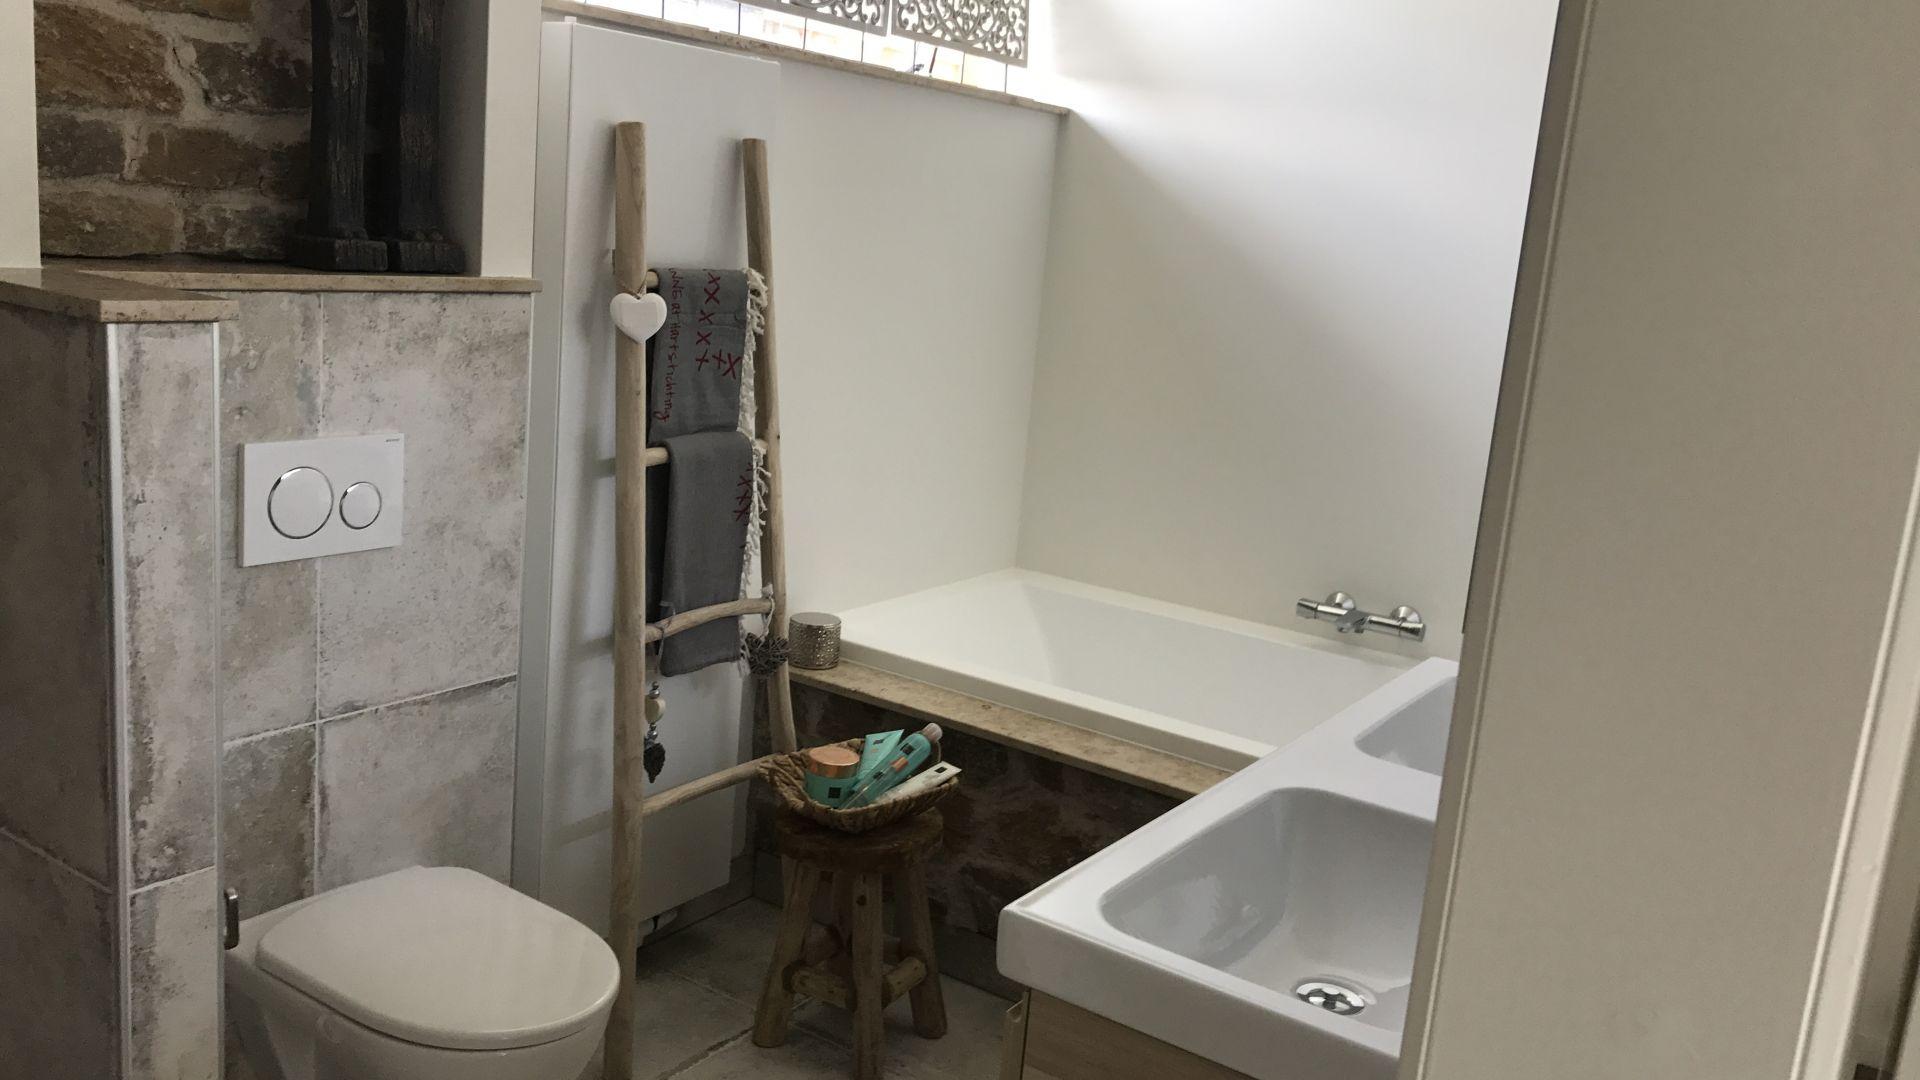 Keuken Badkamer Mijdrecht : Verbouw keuken badkamer toilet kastenwand haard beck bouw wamel